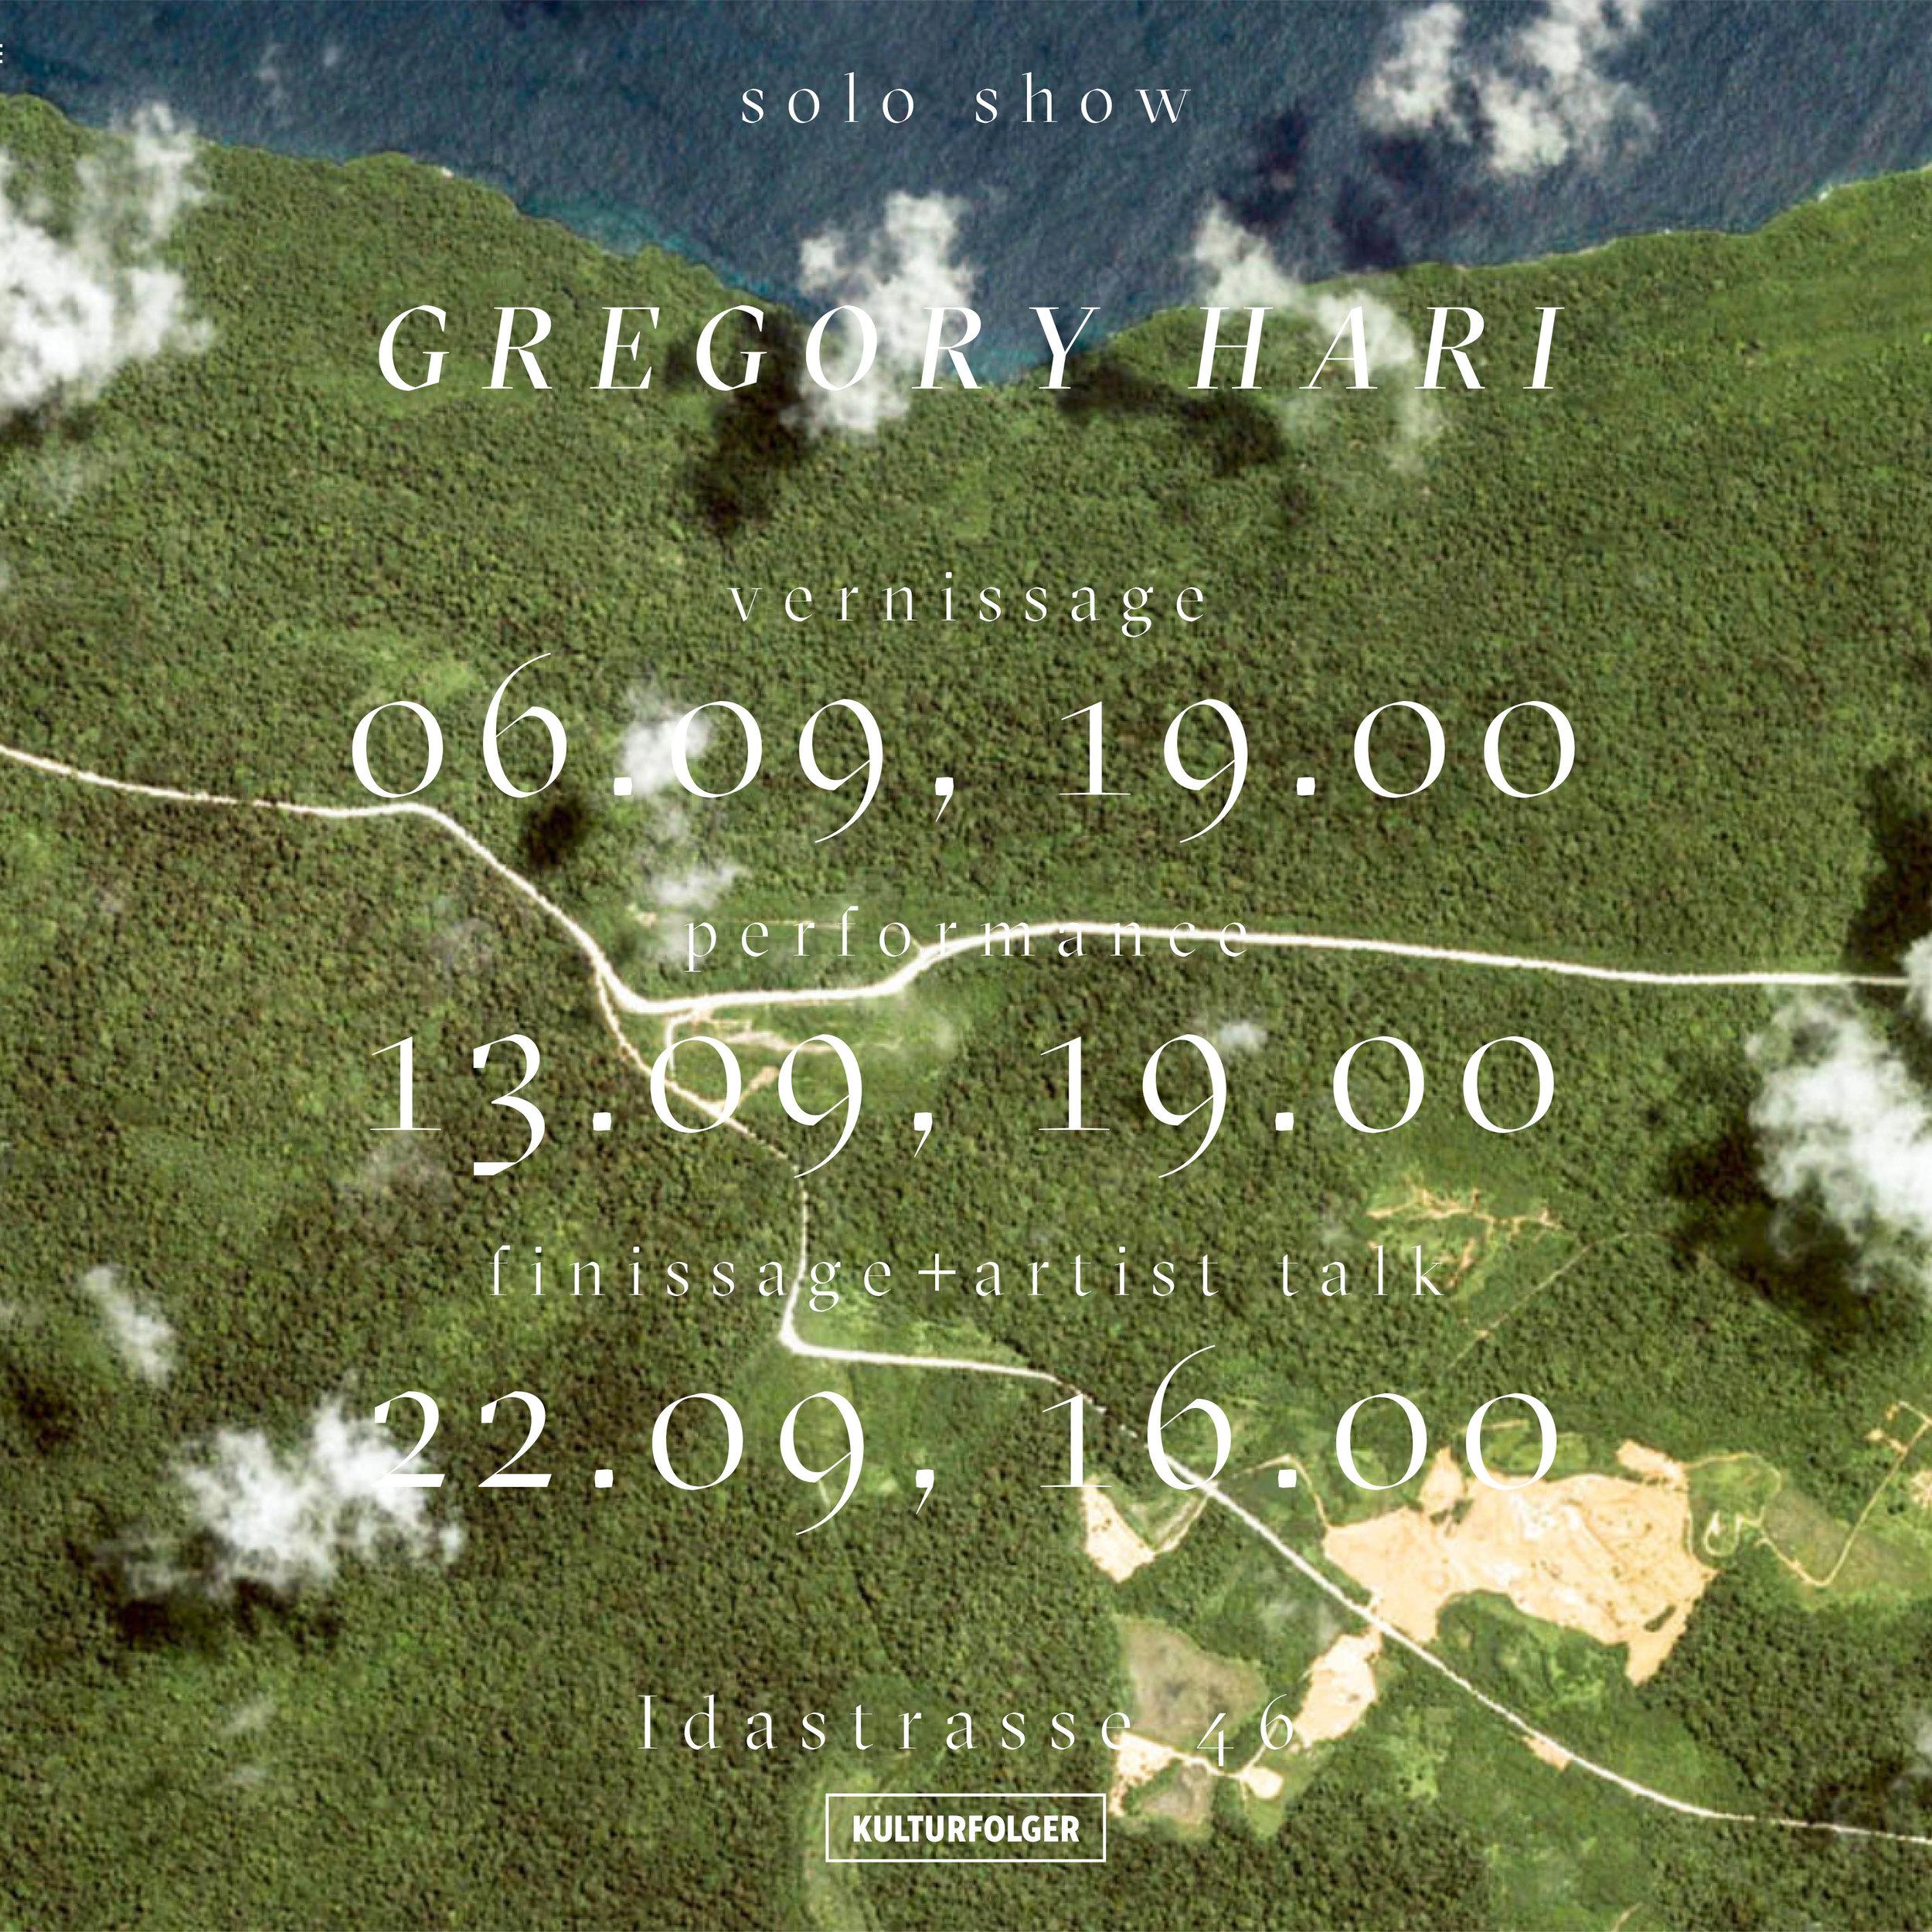 Gregory Hari:  Die kleine Gischt - La petite écume   Vernissage + Performance: 06.09.19, 19 UHR  Performance: 13.09.19, 19 UHR  Finissage + Artist Talk: 22.09.19, 19 UHR    Öffnungszeiten: Fr: 17-19 UHR Sa/So: 16-19 UHR    www.harigregory.allyou.net